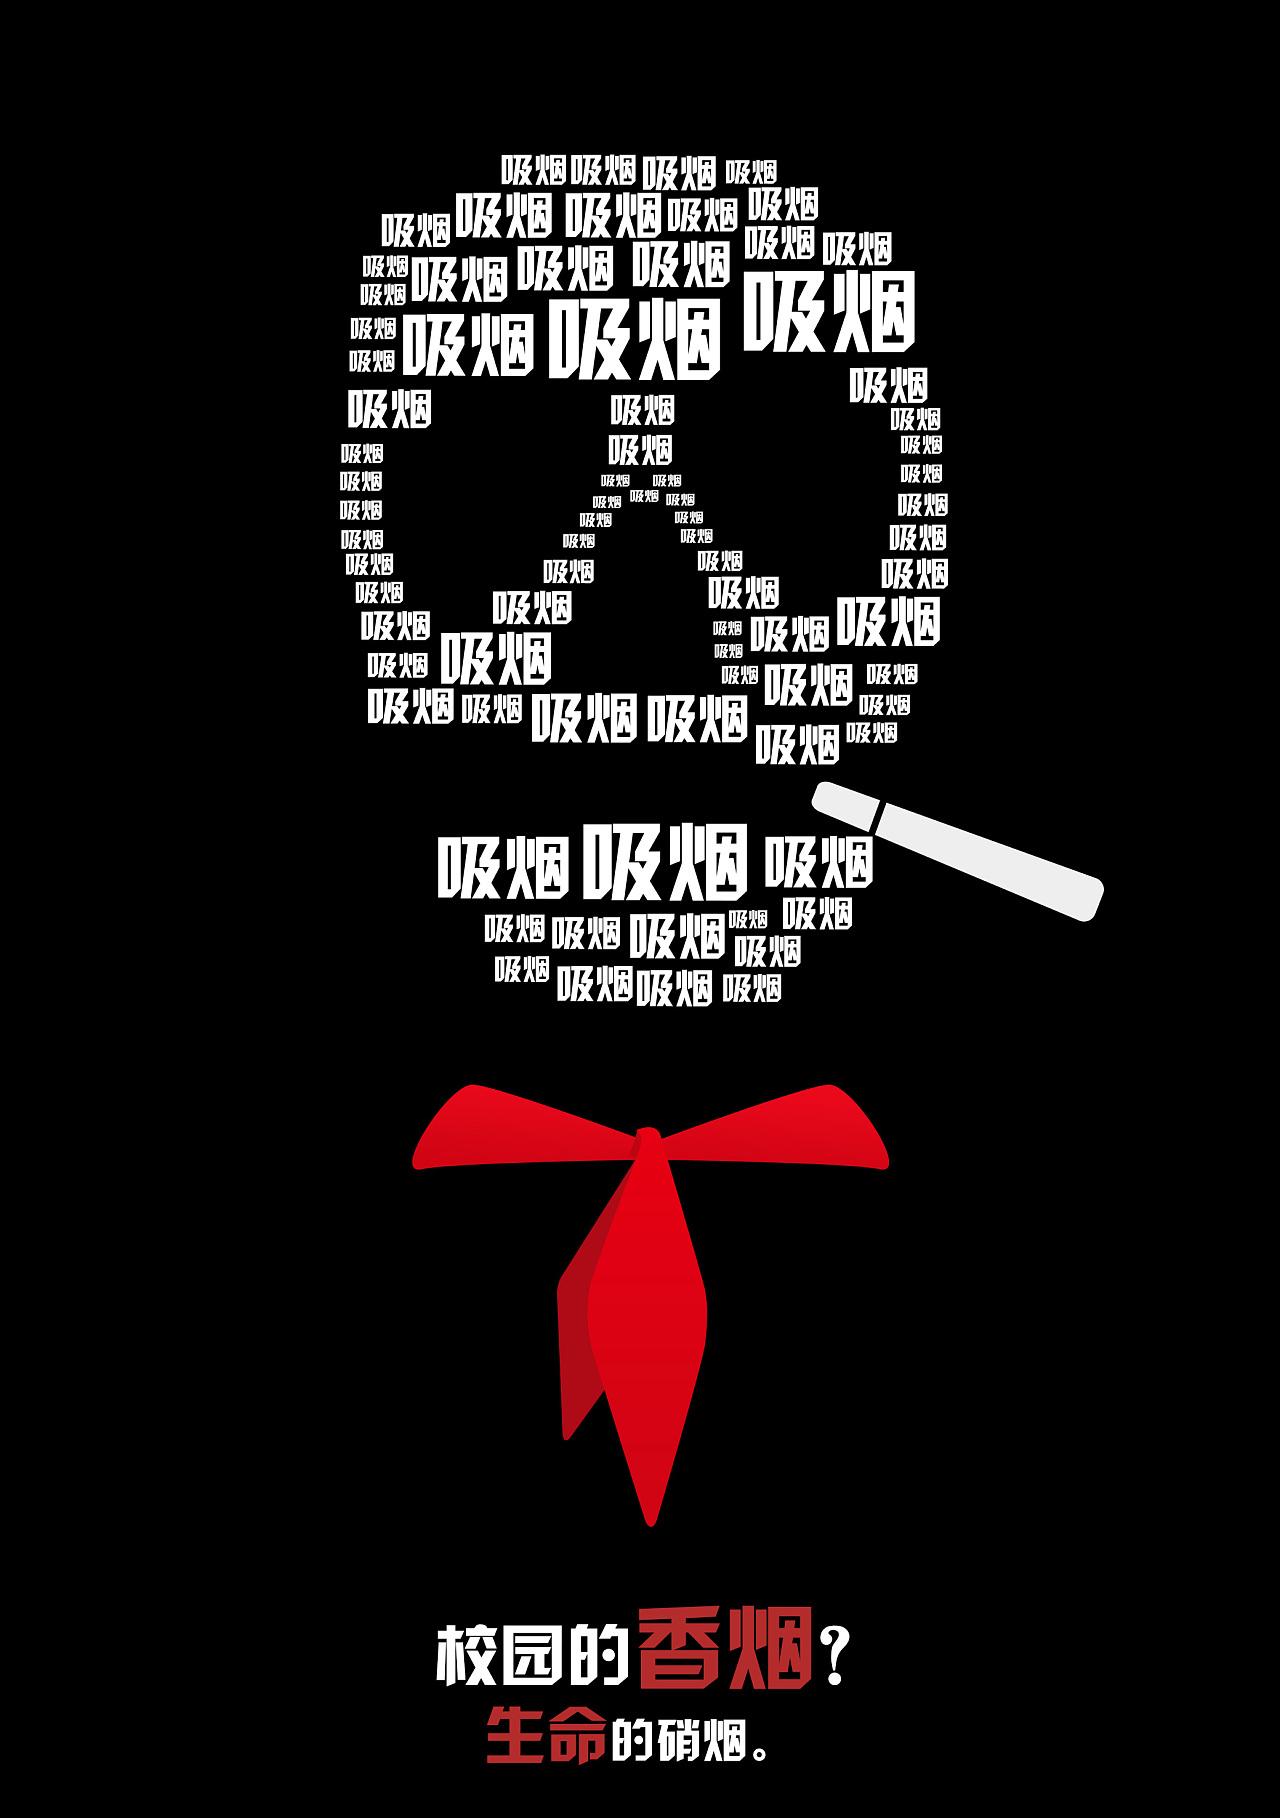 校园海报素材_校园禁烟宣传|平面|海报|城巴佬 - 原创作品 - 站酷 (ZCOOL)